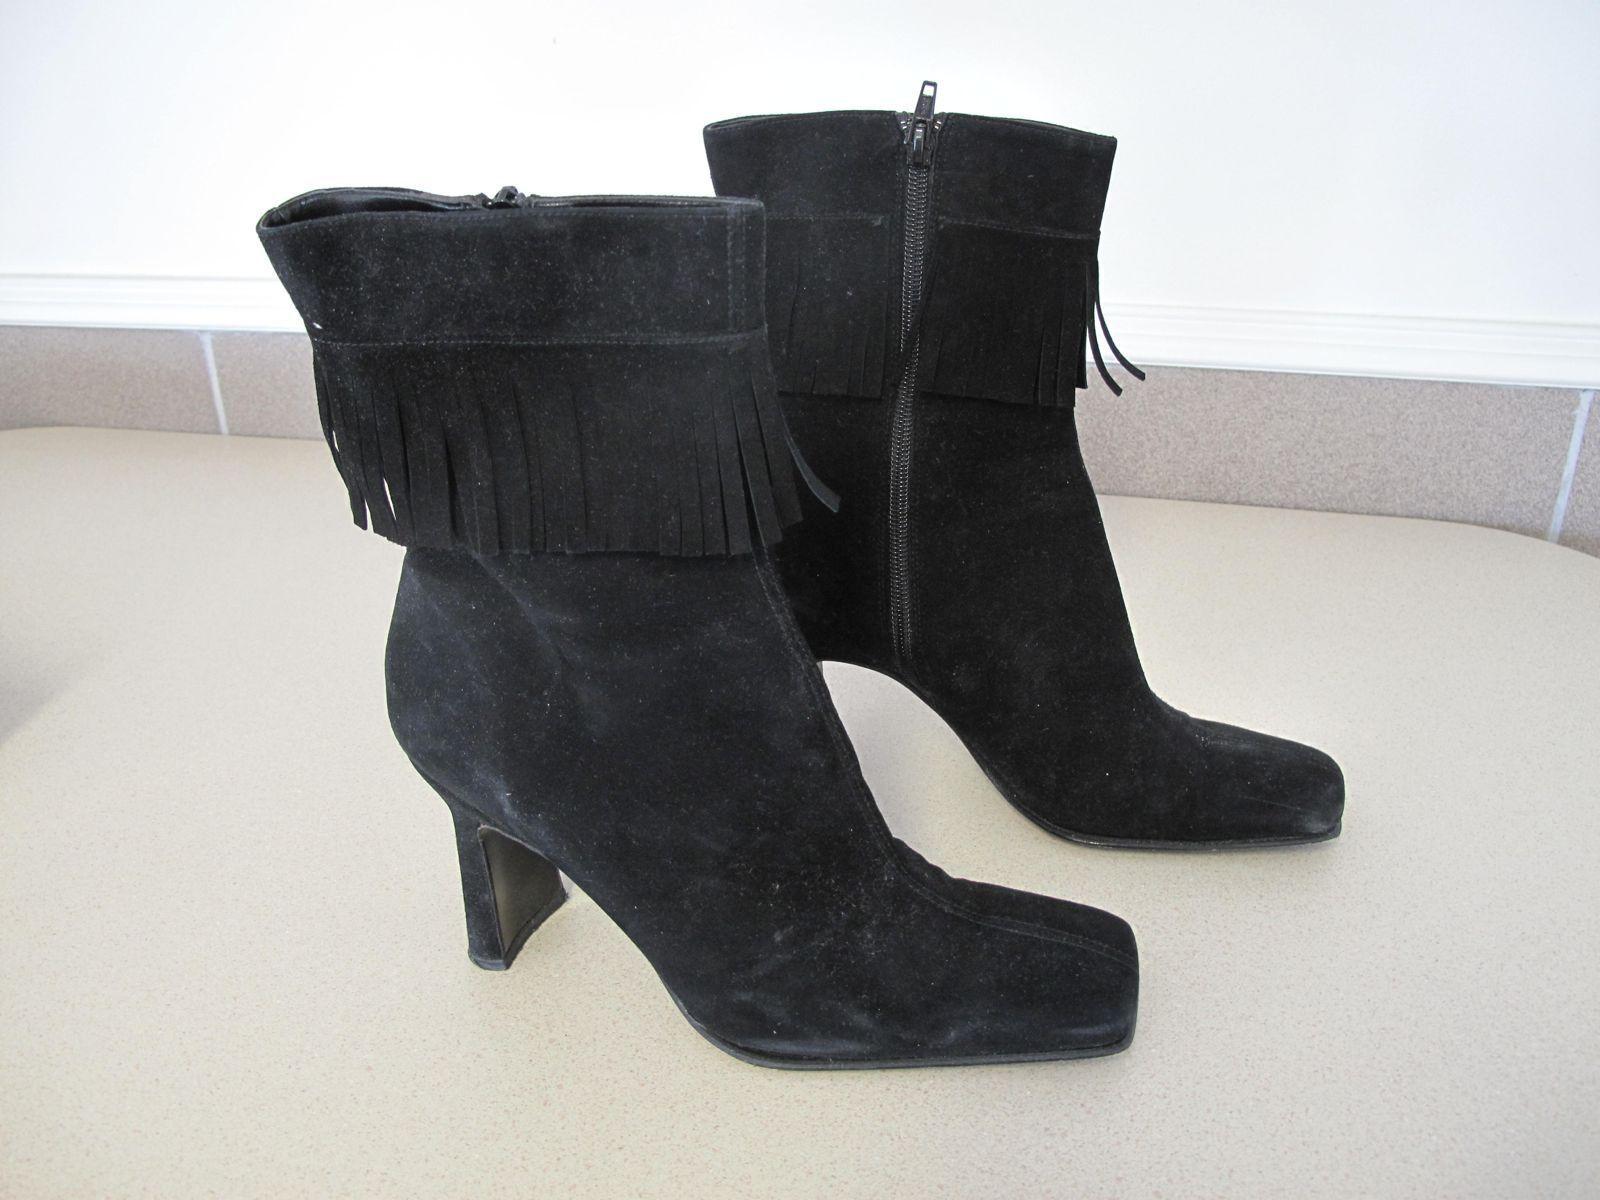 benvenuto per ordinare Donna  Suede Suede Suede nero stivali fringe SACHA London Spain style ZEN sz 9  disegni esclusivi